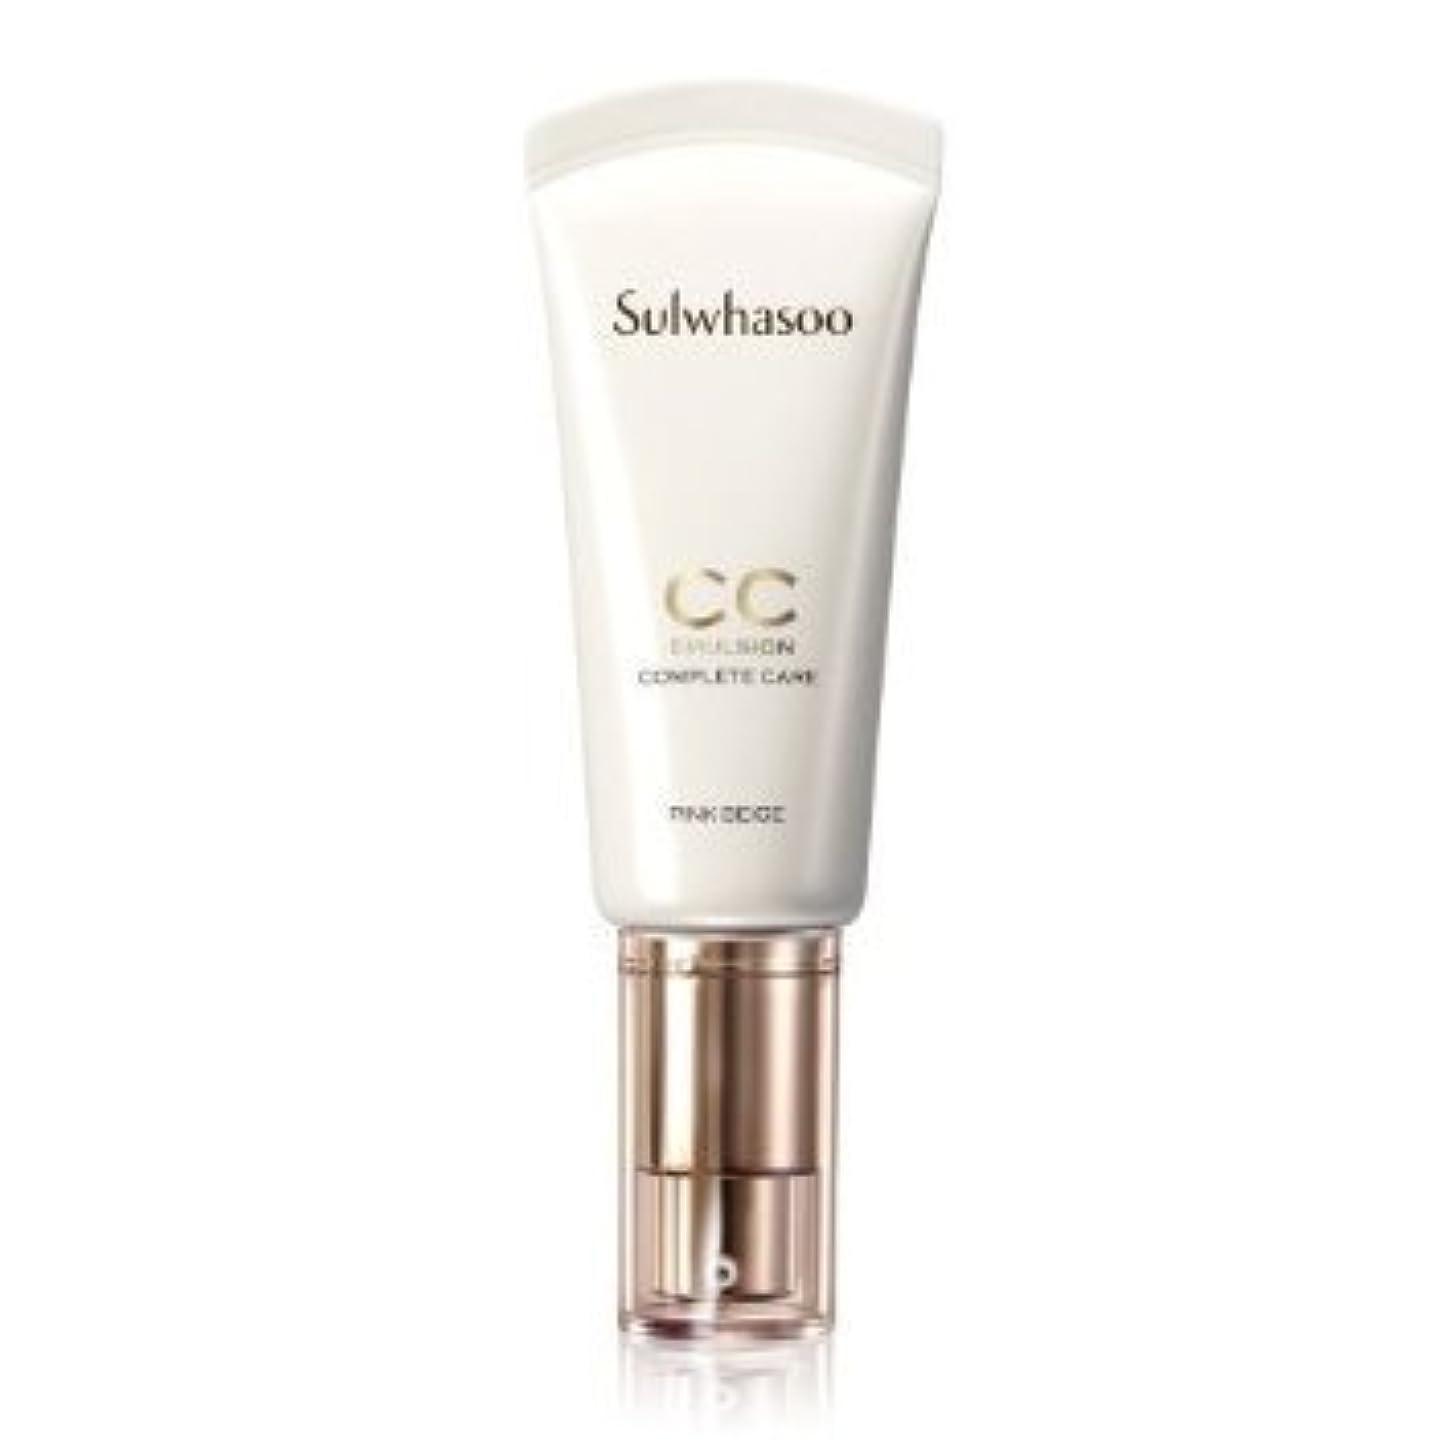 新しさ任命二層Sulwhasoo CC Emulsion BB Cream Blemish Balm #02 Medium Beige[並行輸入品]